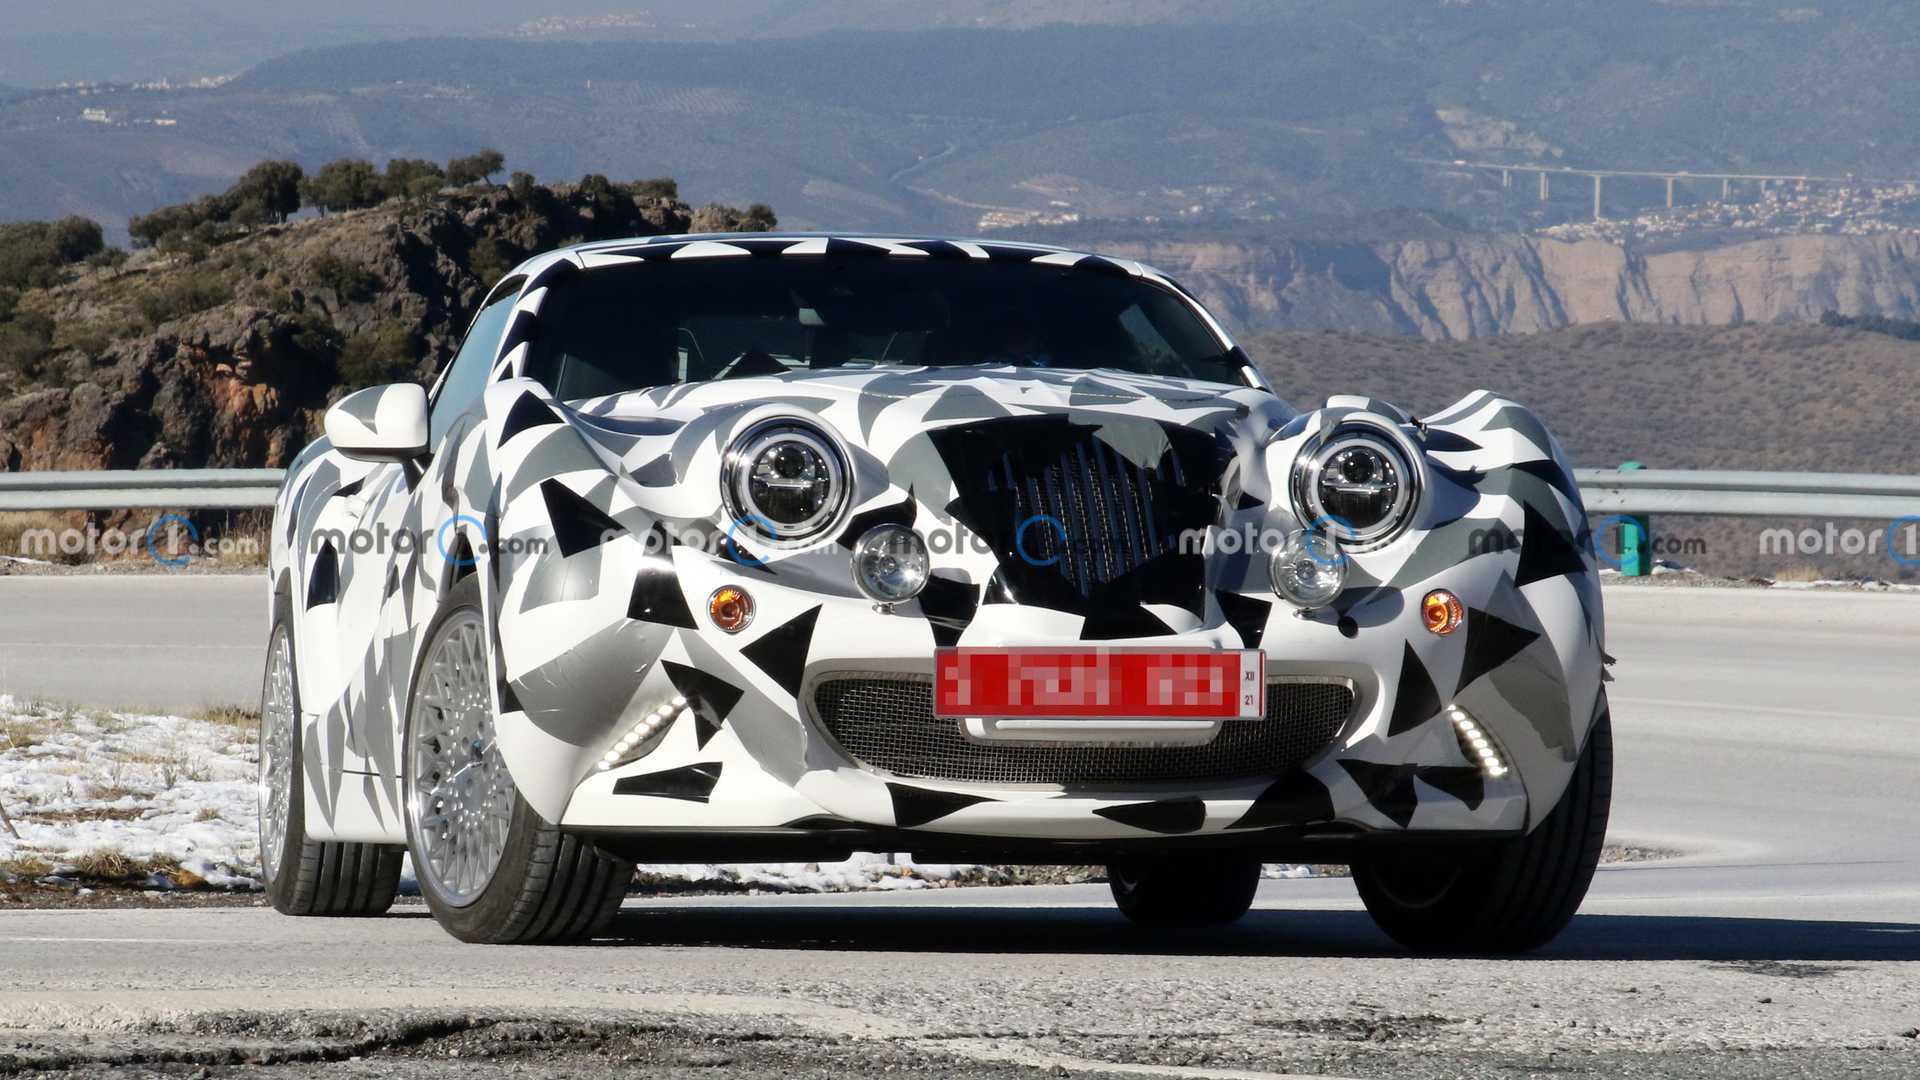 Спортивный автомобиль Hurtan в ретро-стиле шпионил за испытаниями Mazda Power